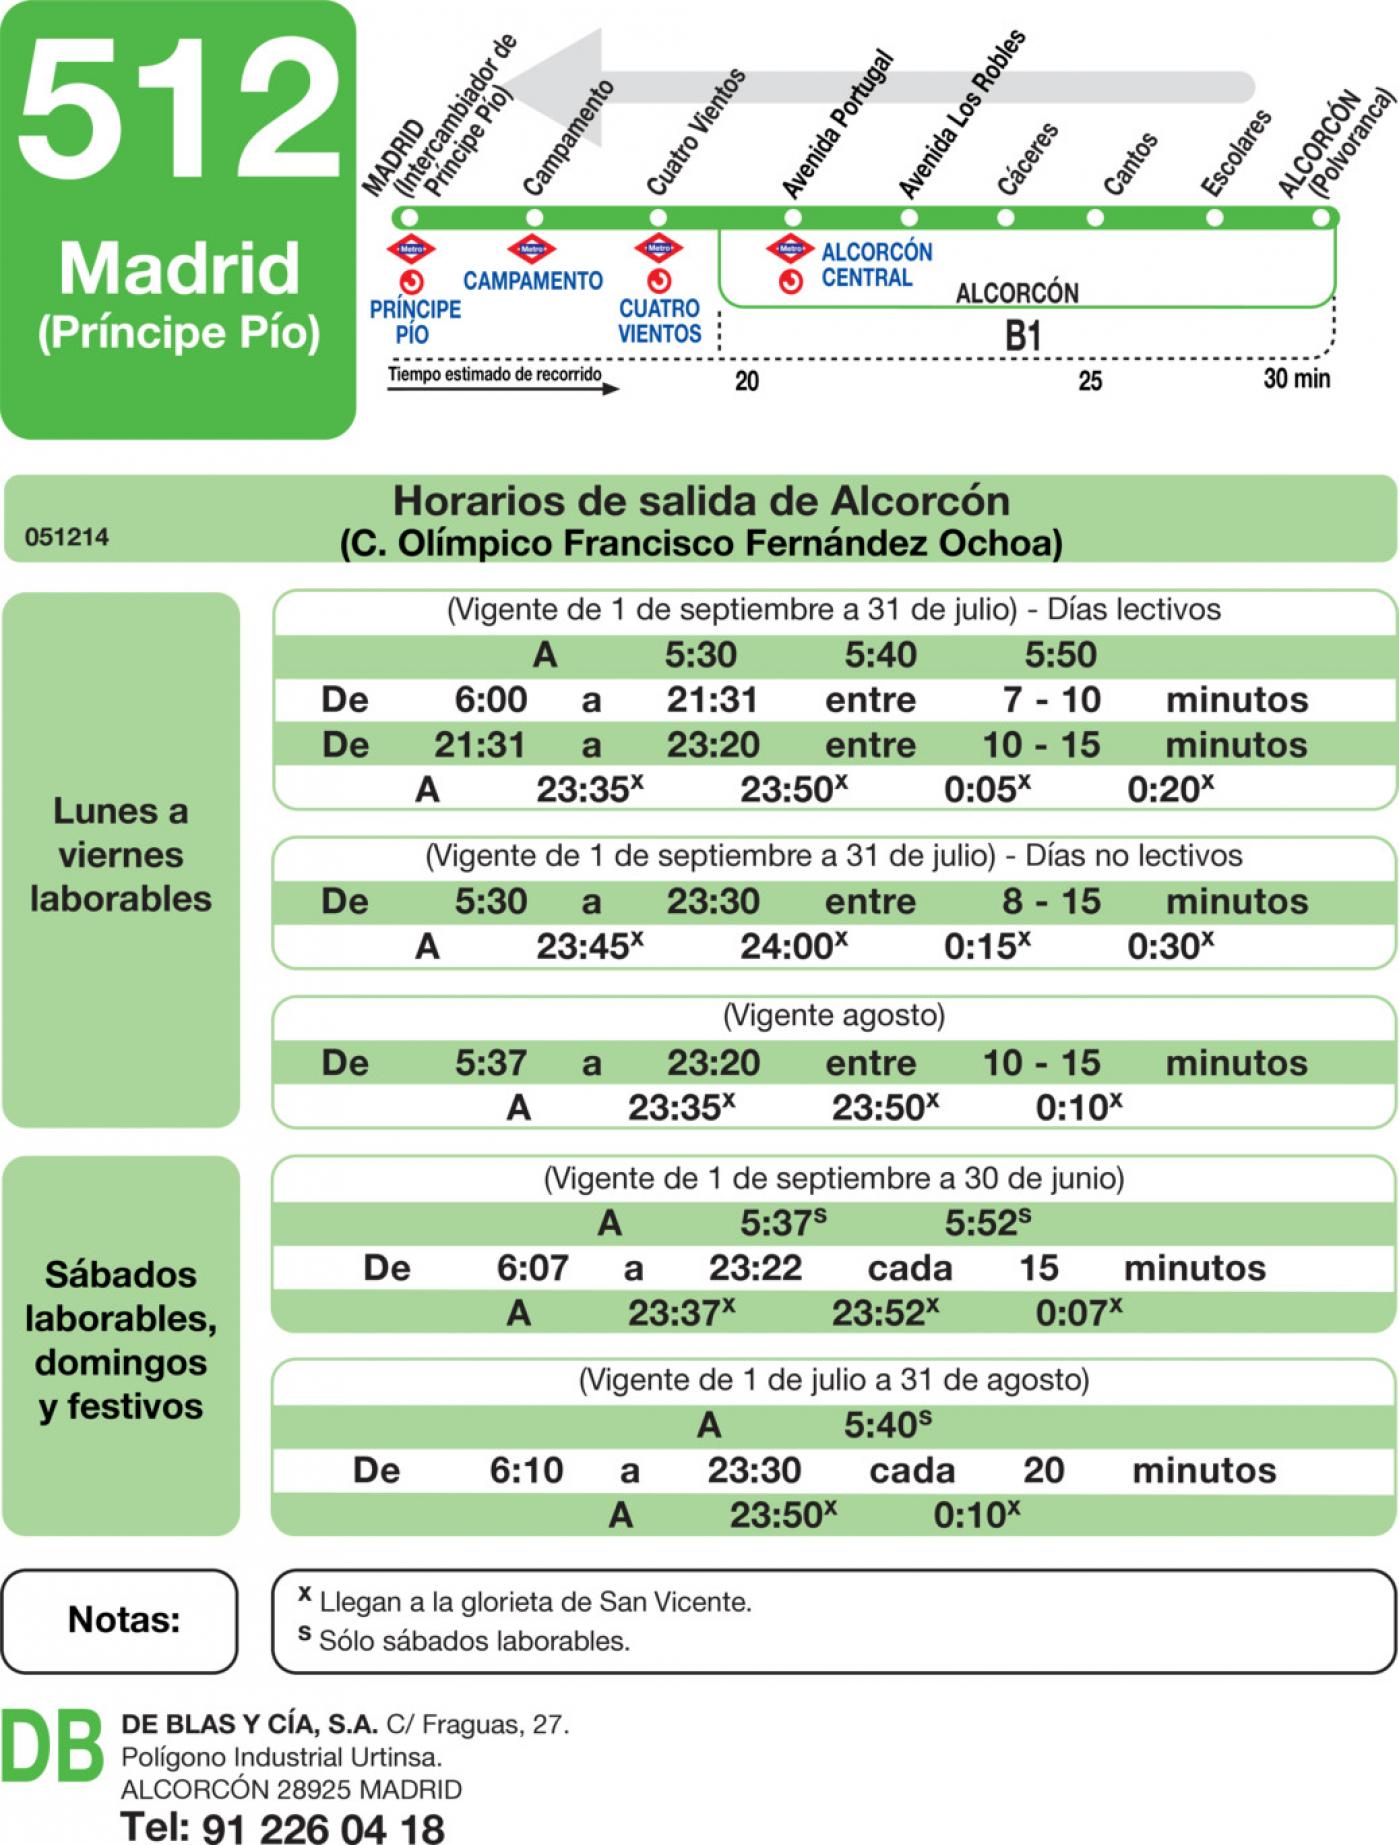 Tabla de horarios y frecuencias de paso en sentido vuelta Línea 512: Madrid (Príncipe Pío) - Alcorcón (Calle de los Cantos)